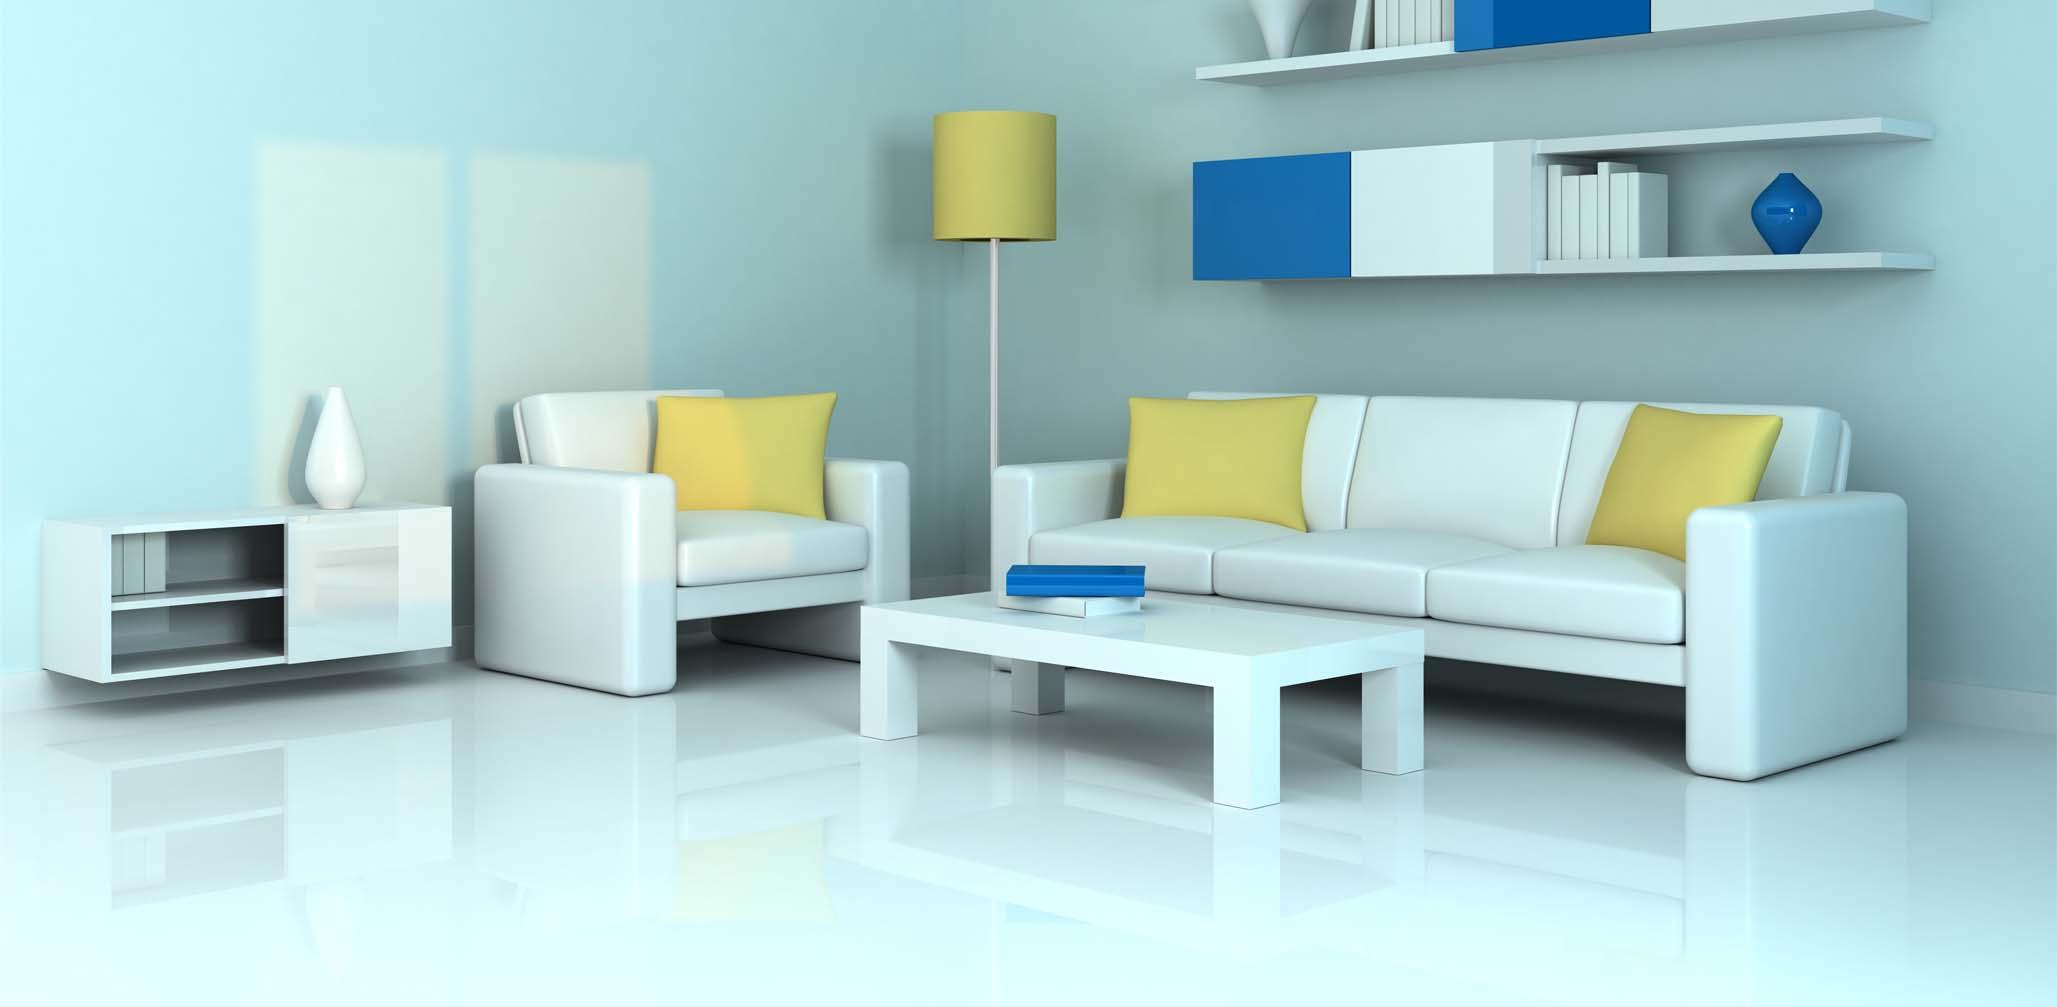 LVT Floor in Living Room